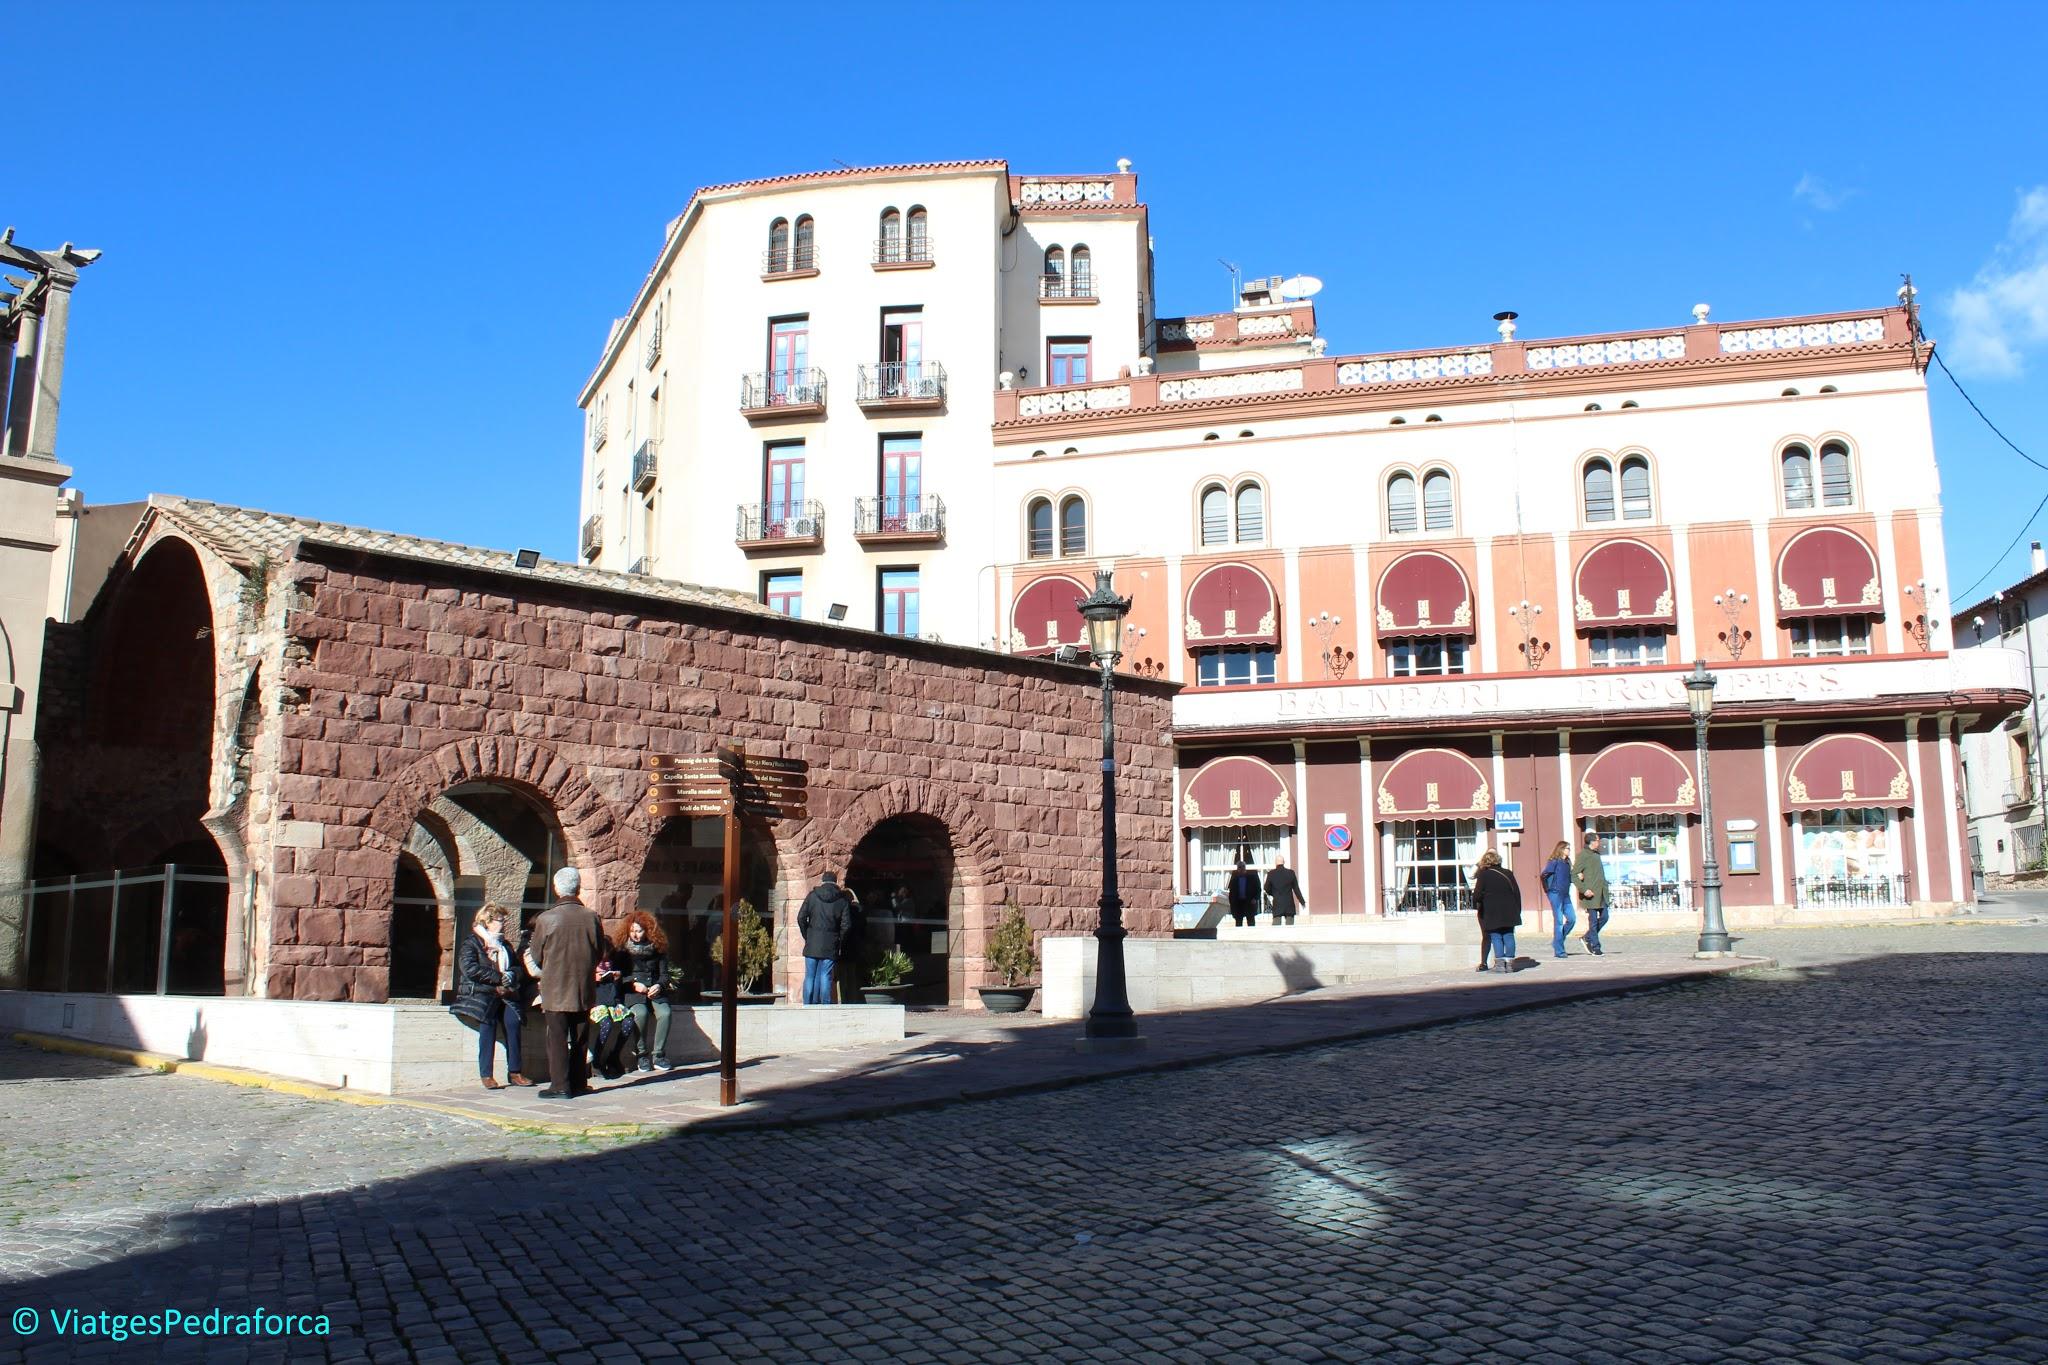 termes romanes, Vallès Oriental, Catalunya, ruta arqueològica, patrimoni cultural català